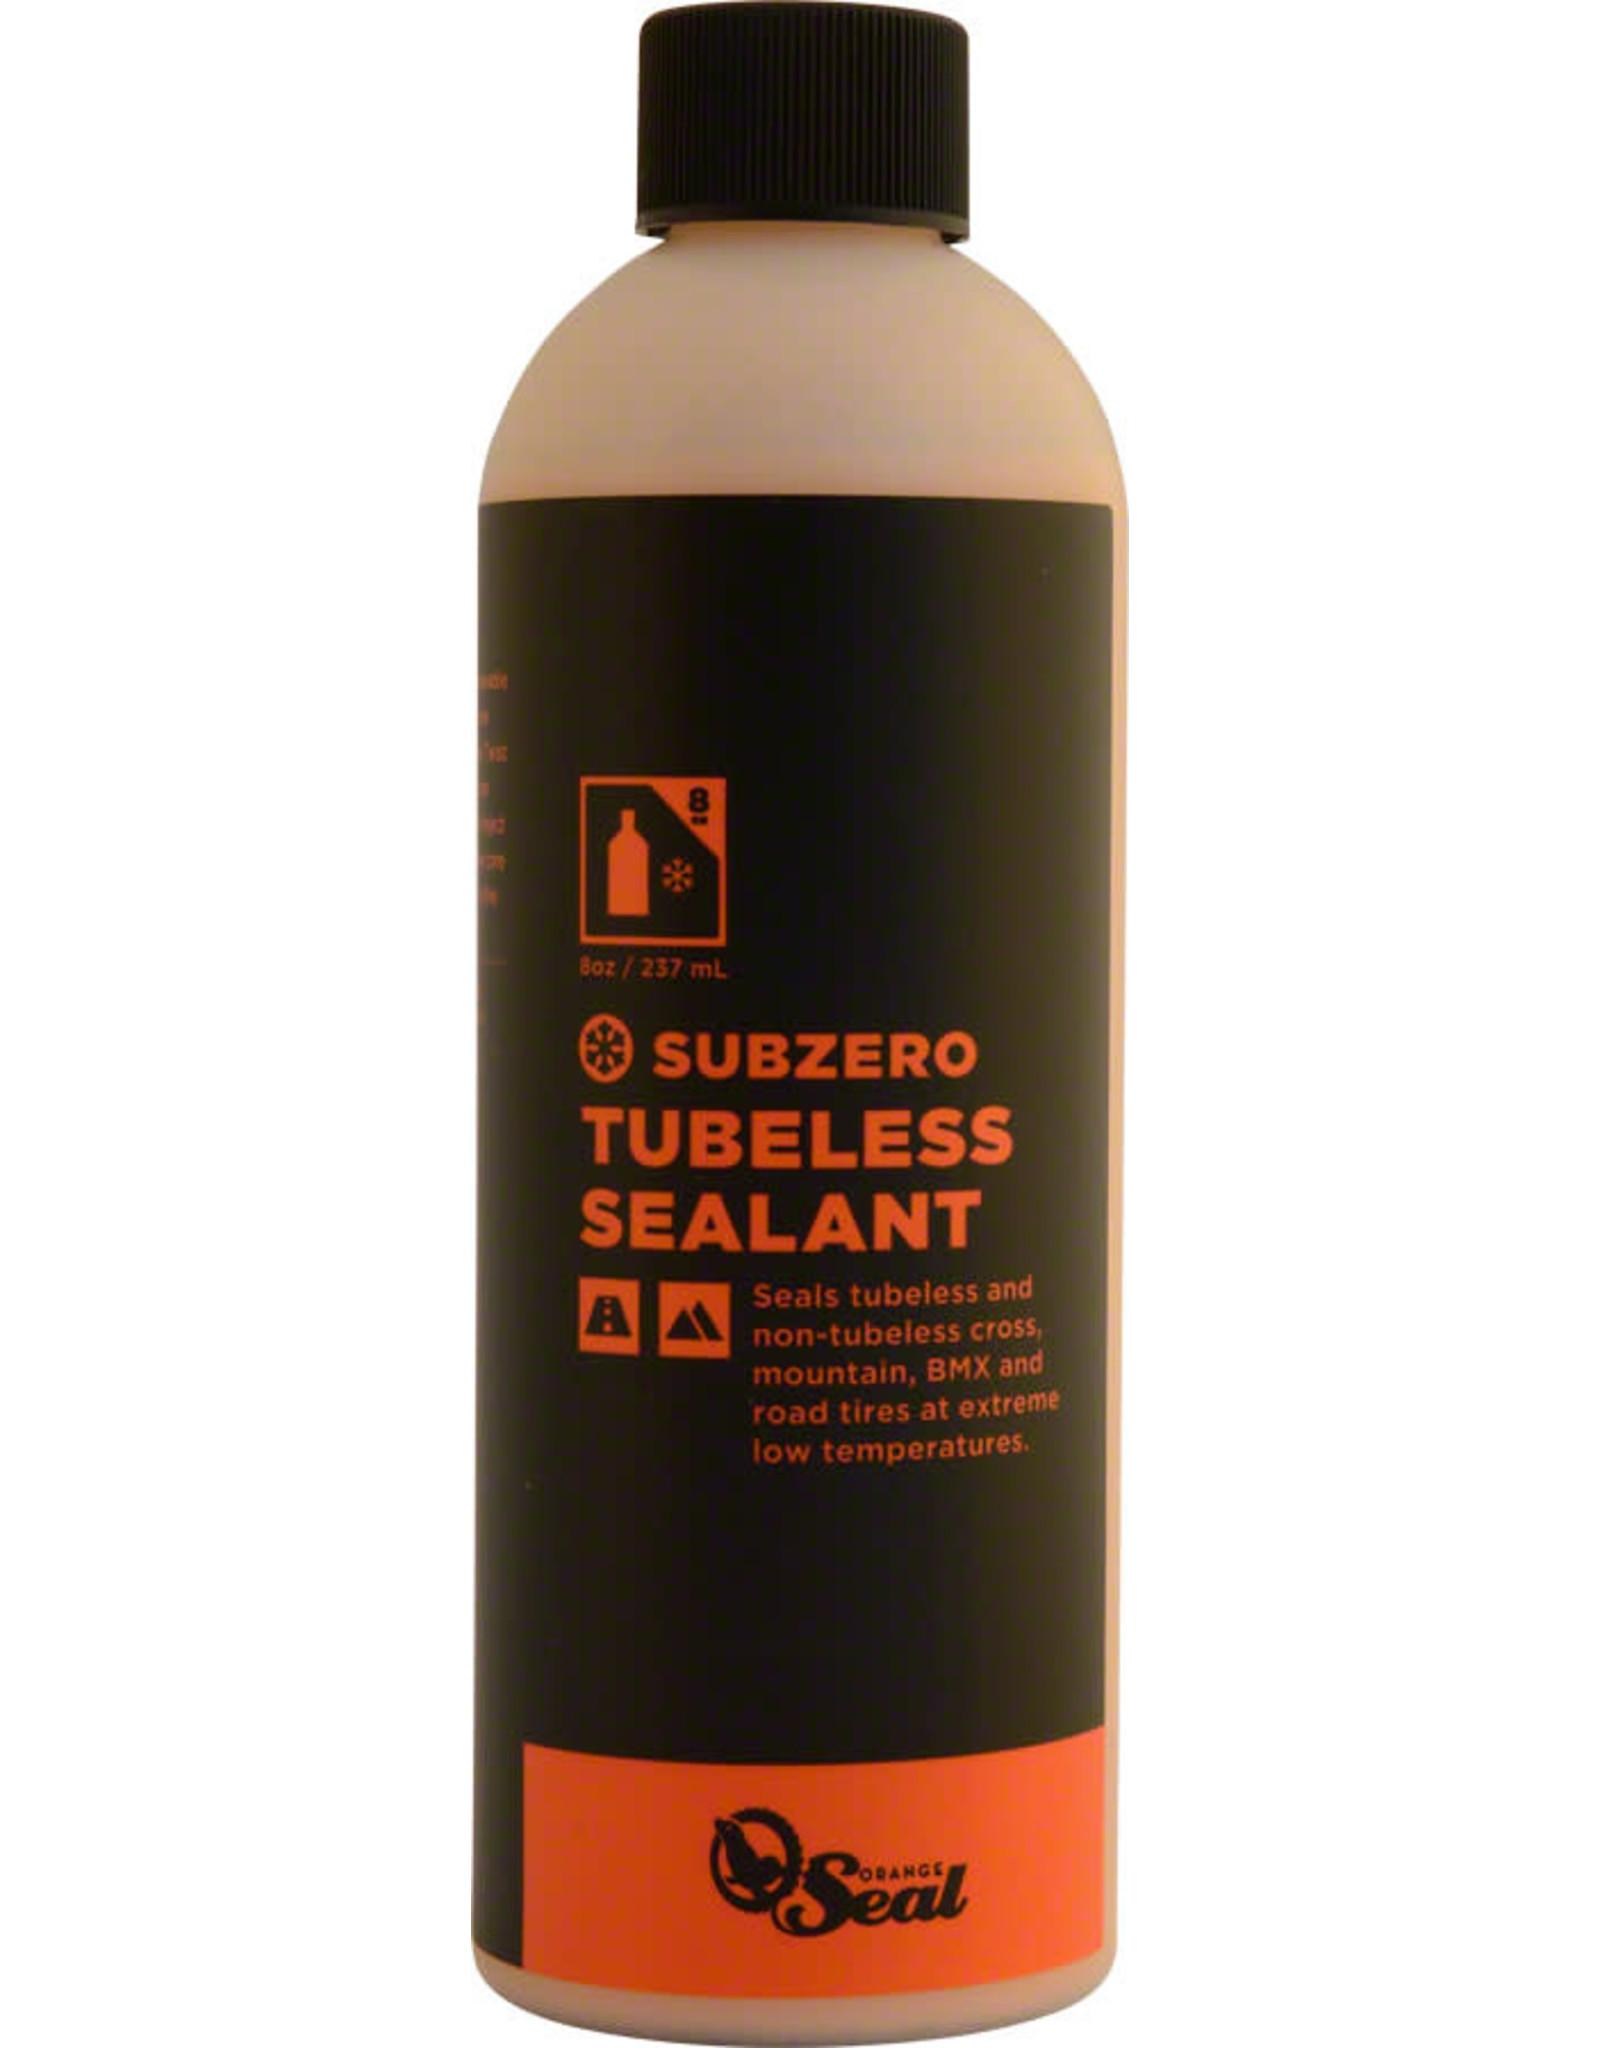 Orange Seal Orange Seal Subzero Tubeless Sealant, 8oz